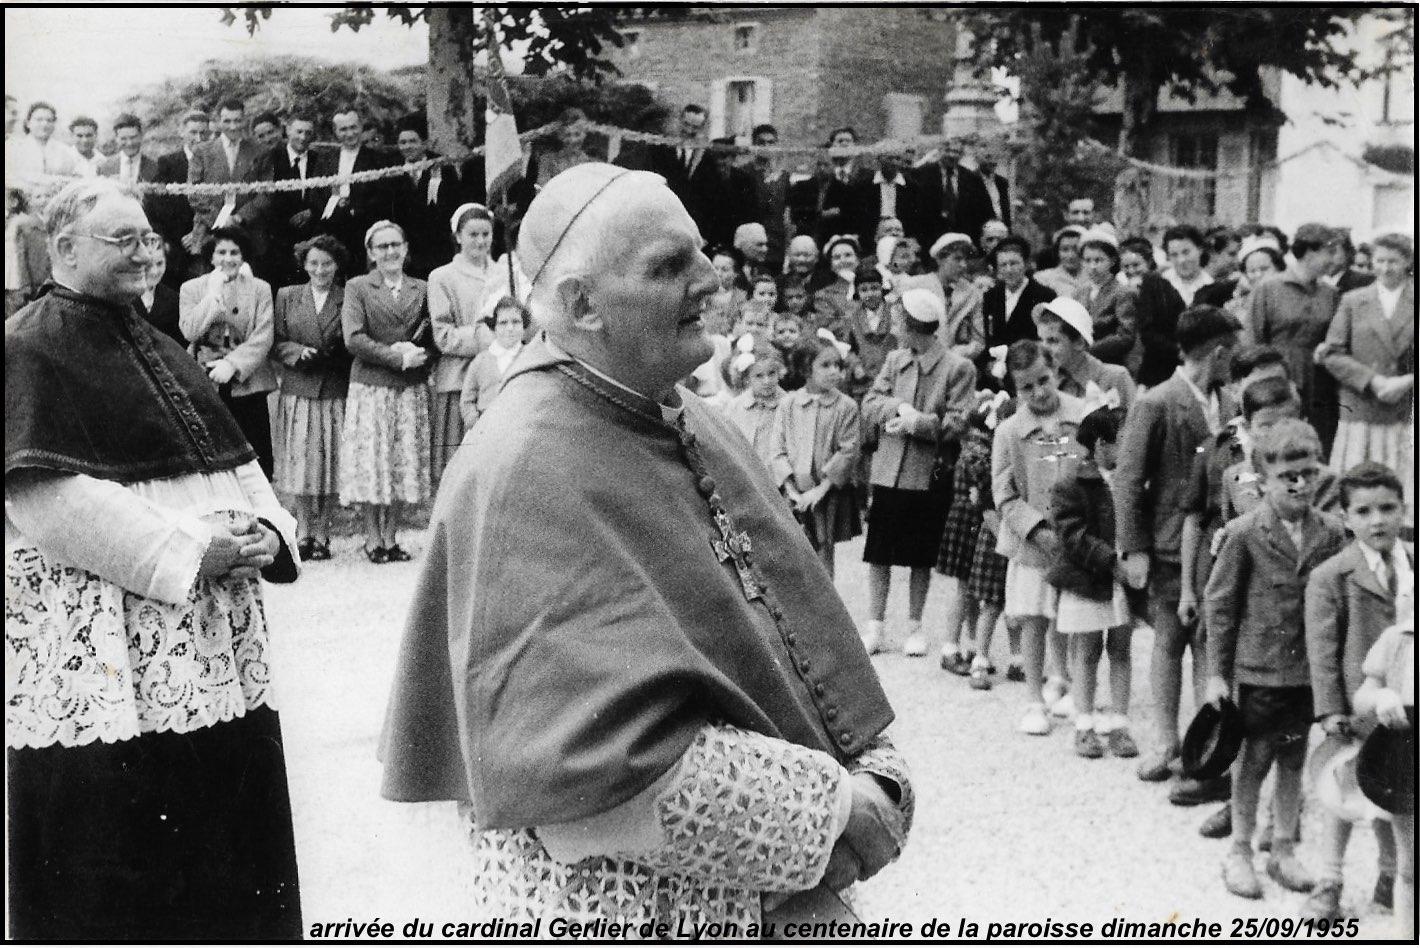 Arrive e du cardinal centenaire 1